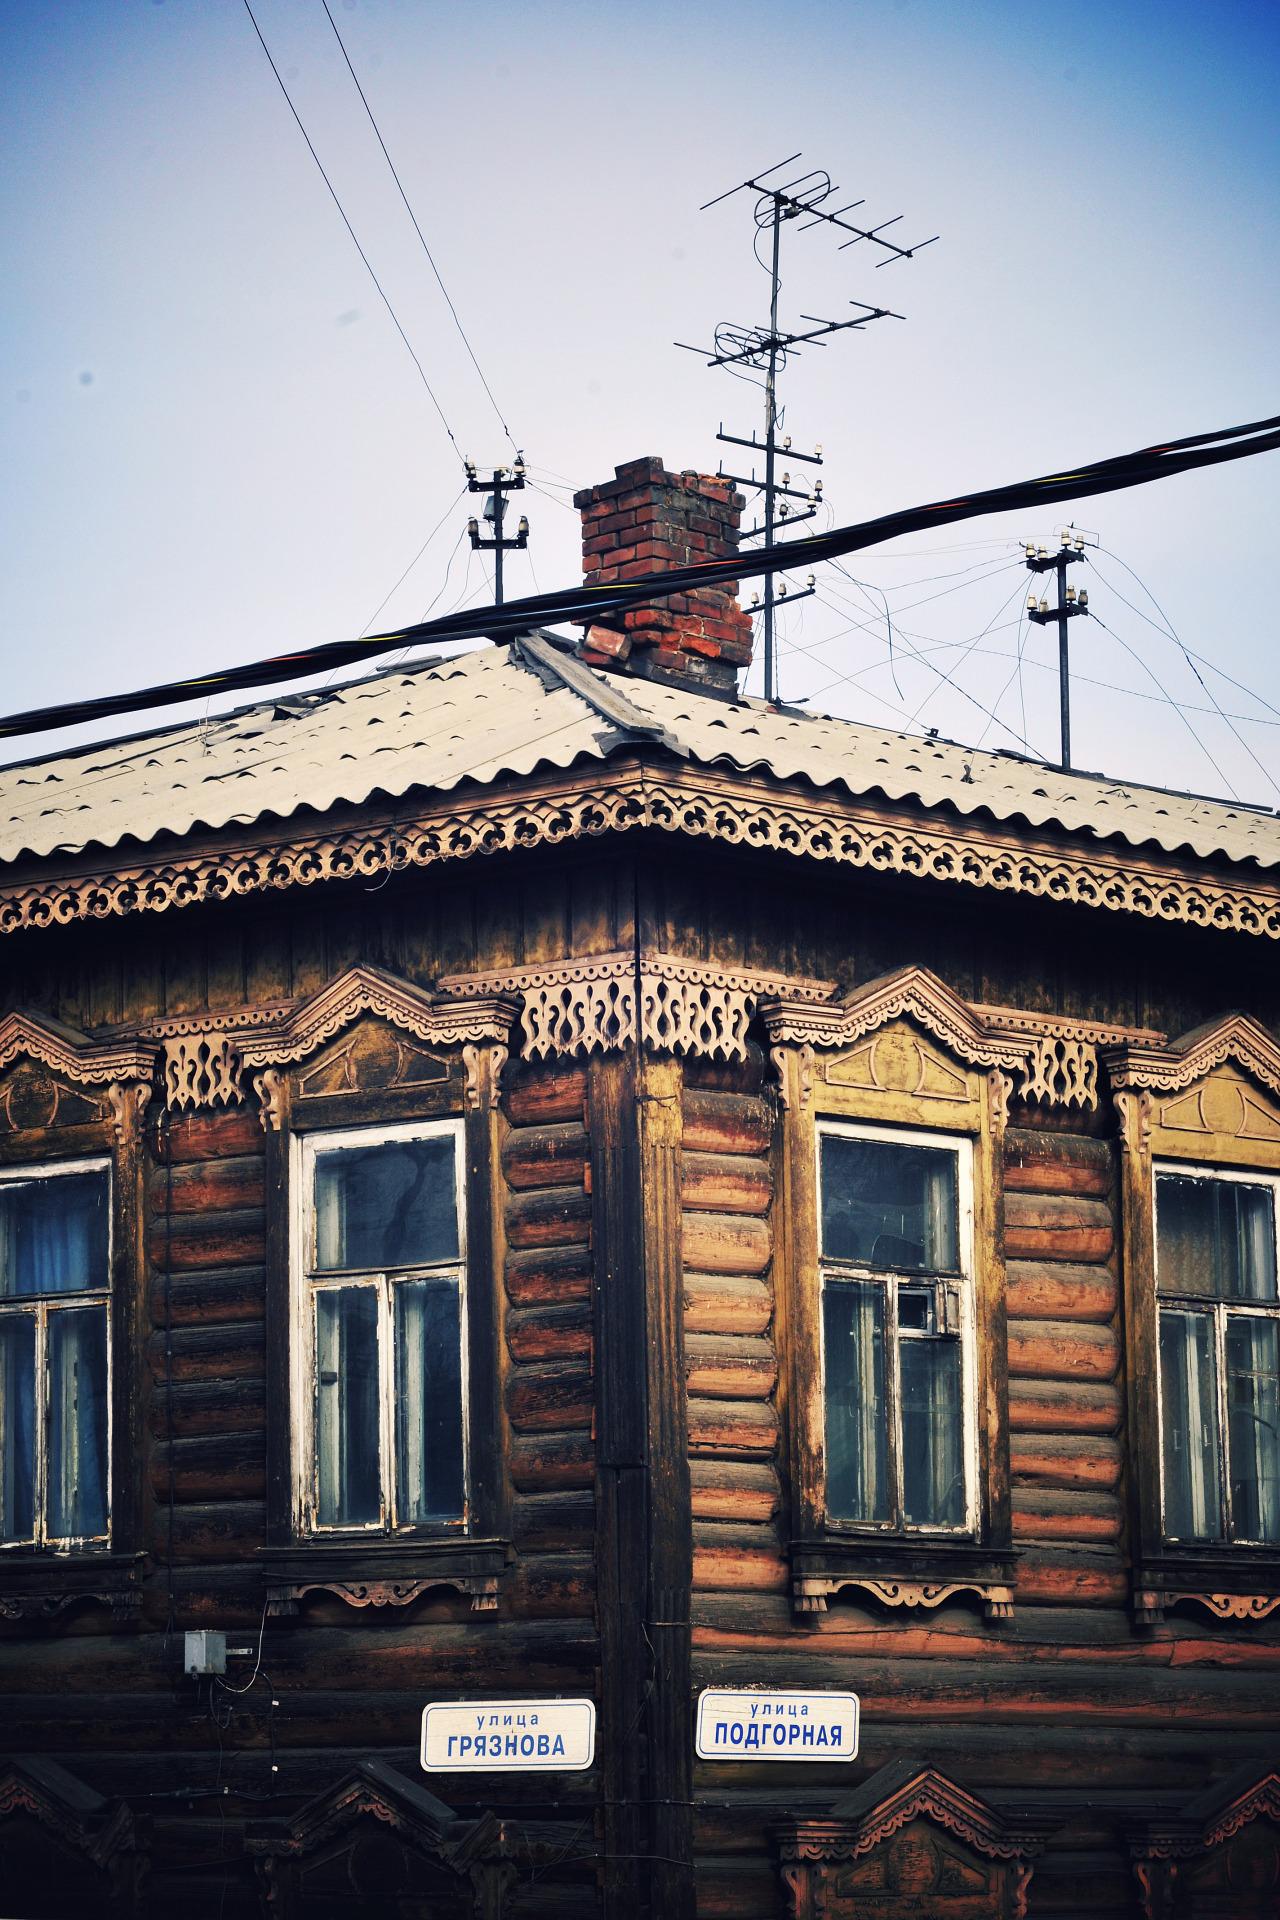 Irkoutsk, Russia